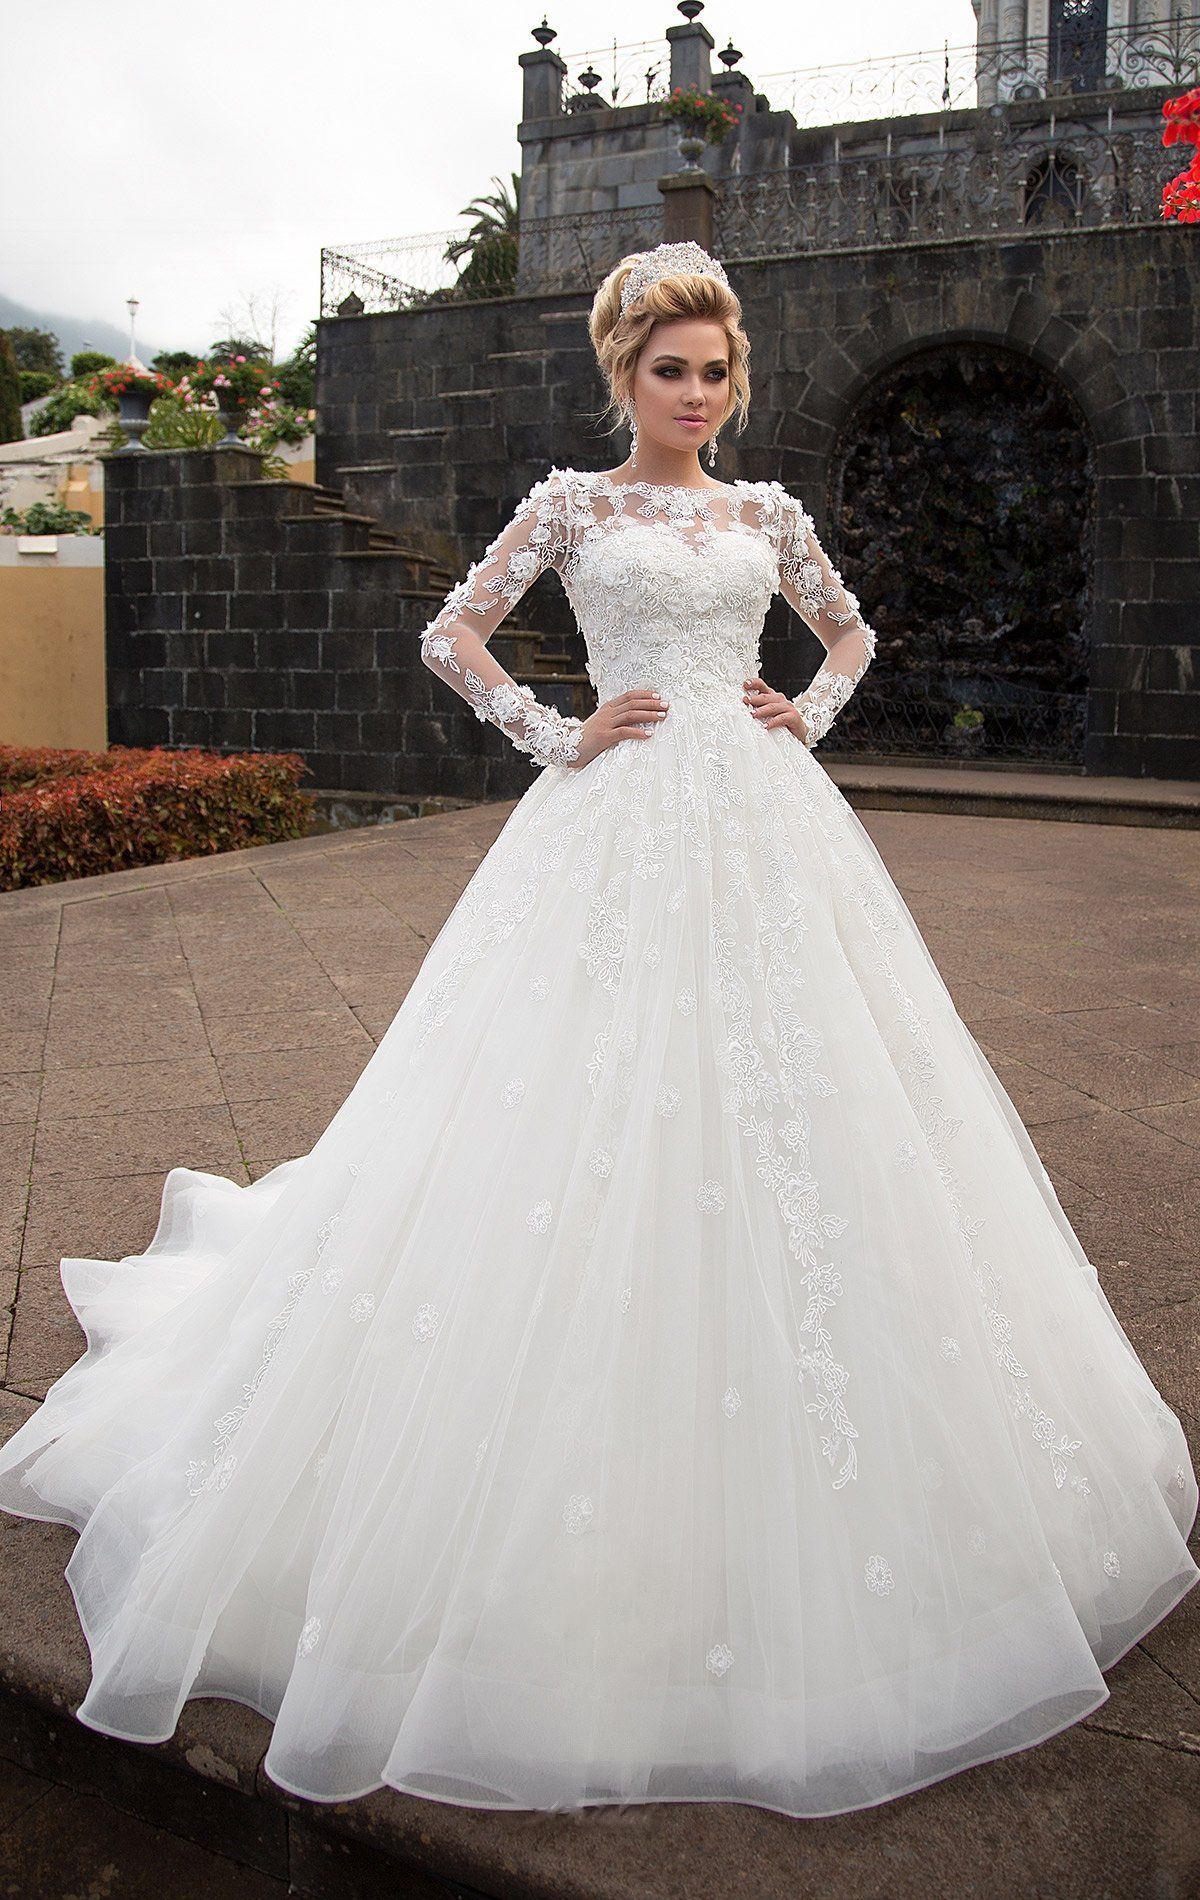 af25d4079225856 Свадебное платье Naviblue Bridal LETTY-16506 ▷ Свадебный Торговый Центр  Вега в Москве